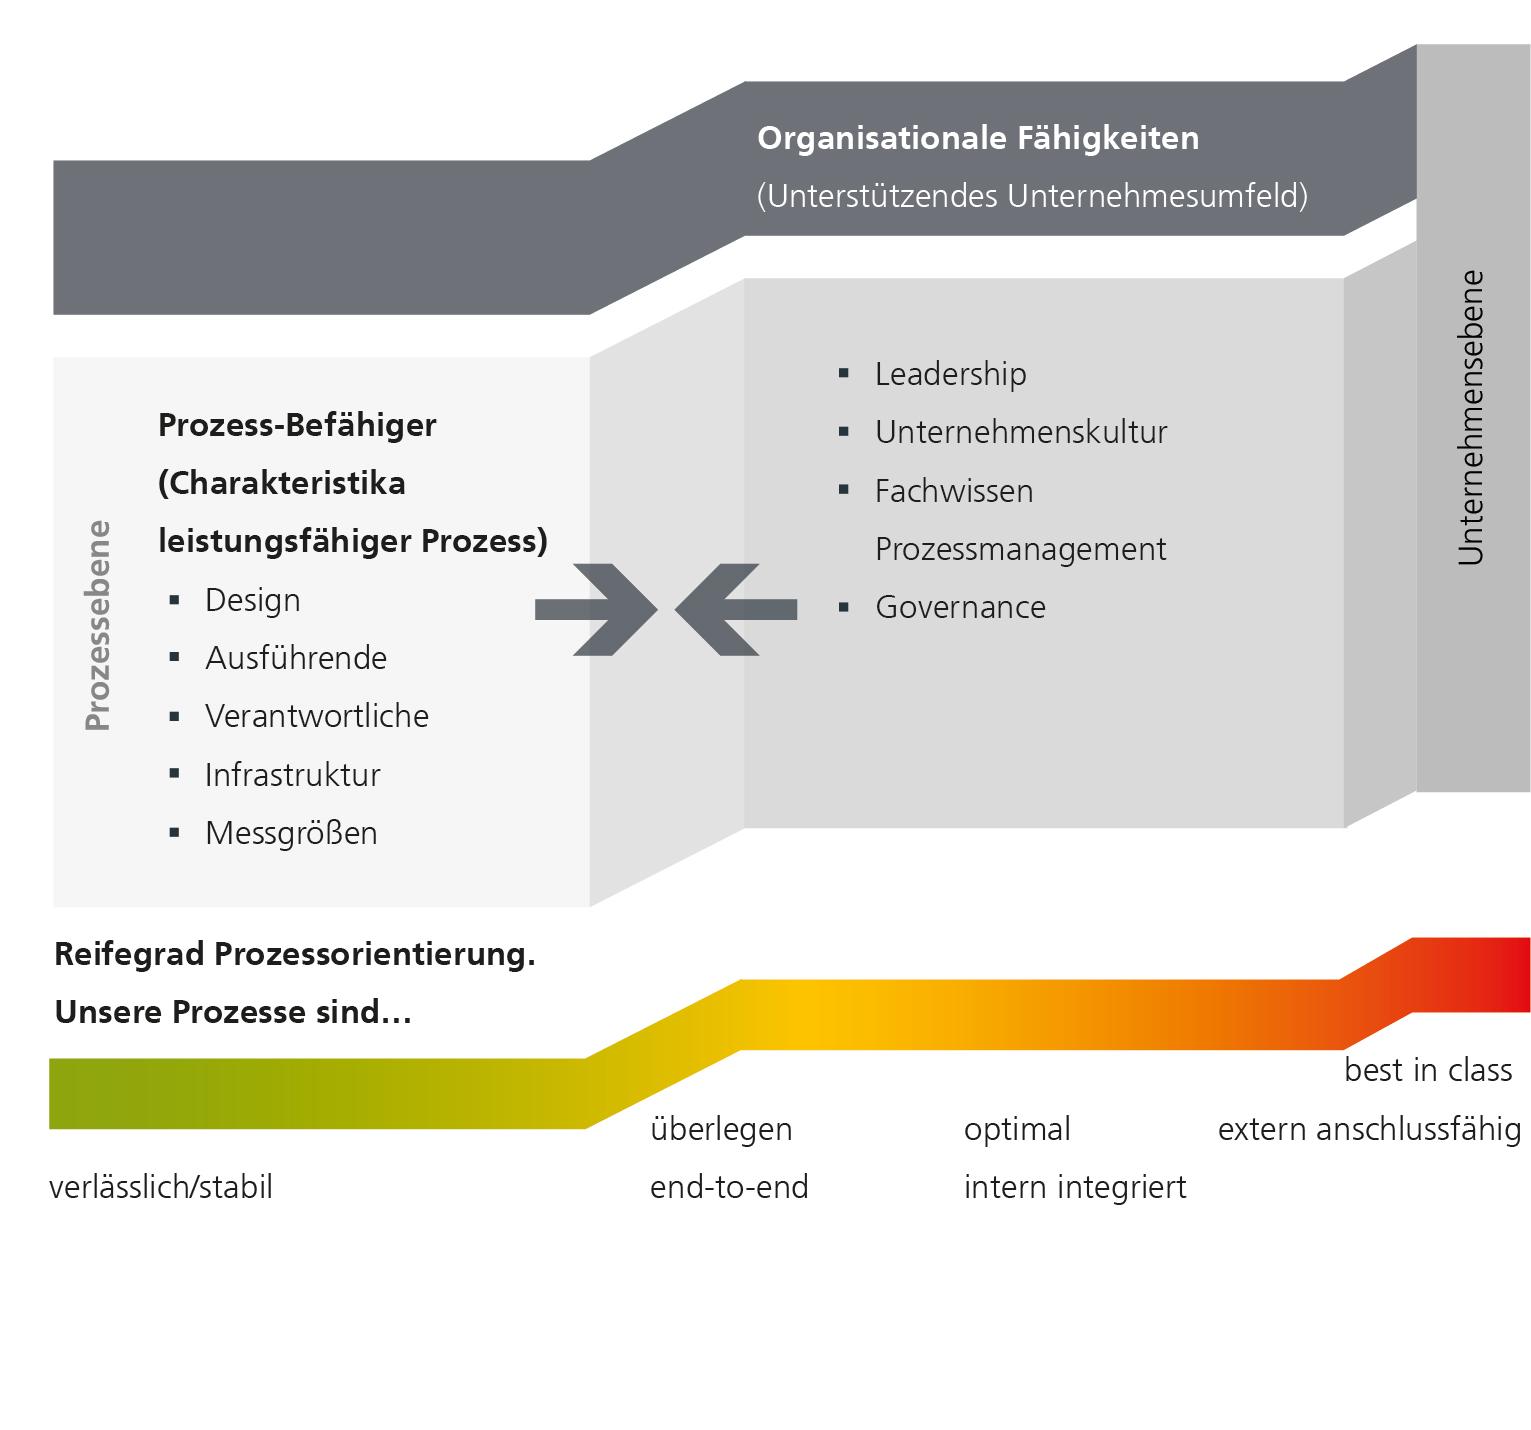 Abbildung 2: Wie weit sind Sie in der Prozessorientierung? Ein Tool zur Selbsteinschätzung. (Eigene Darstellung; Quelle Michael Hammer 2007)